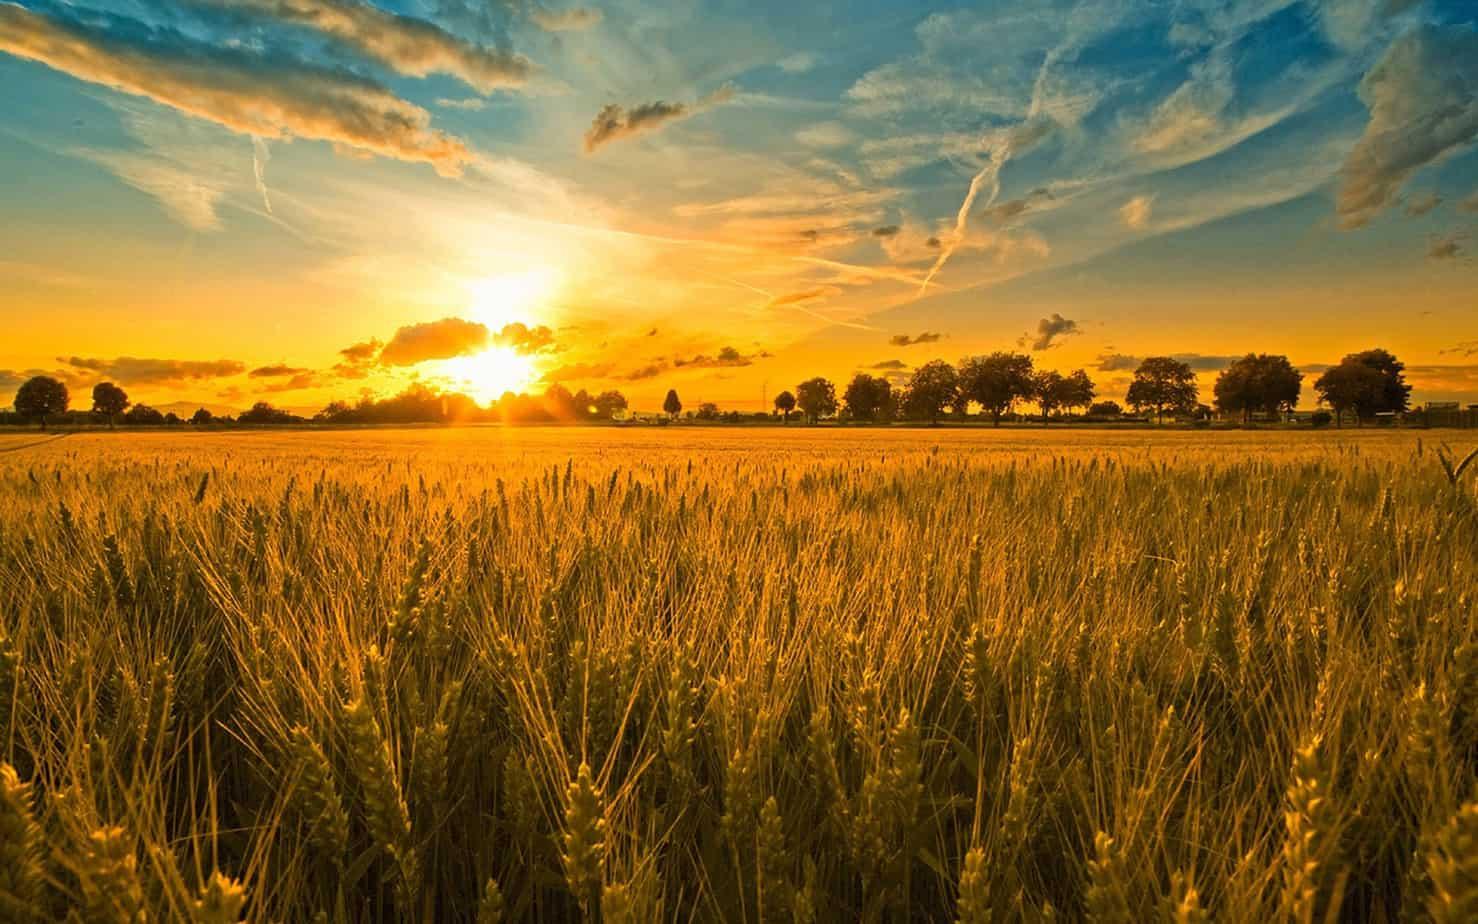 harvest is plentiful